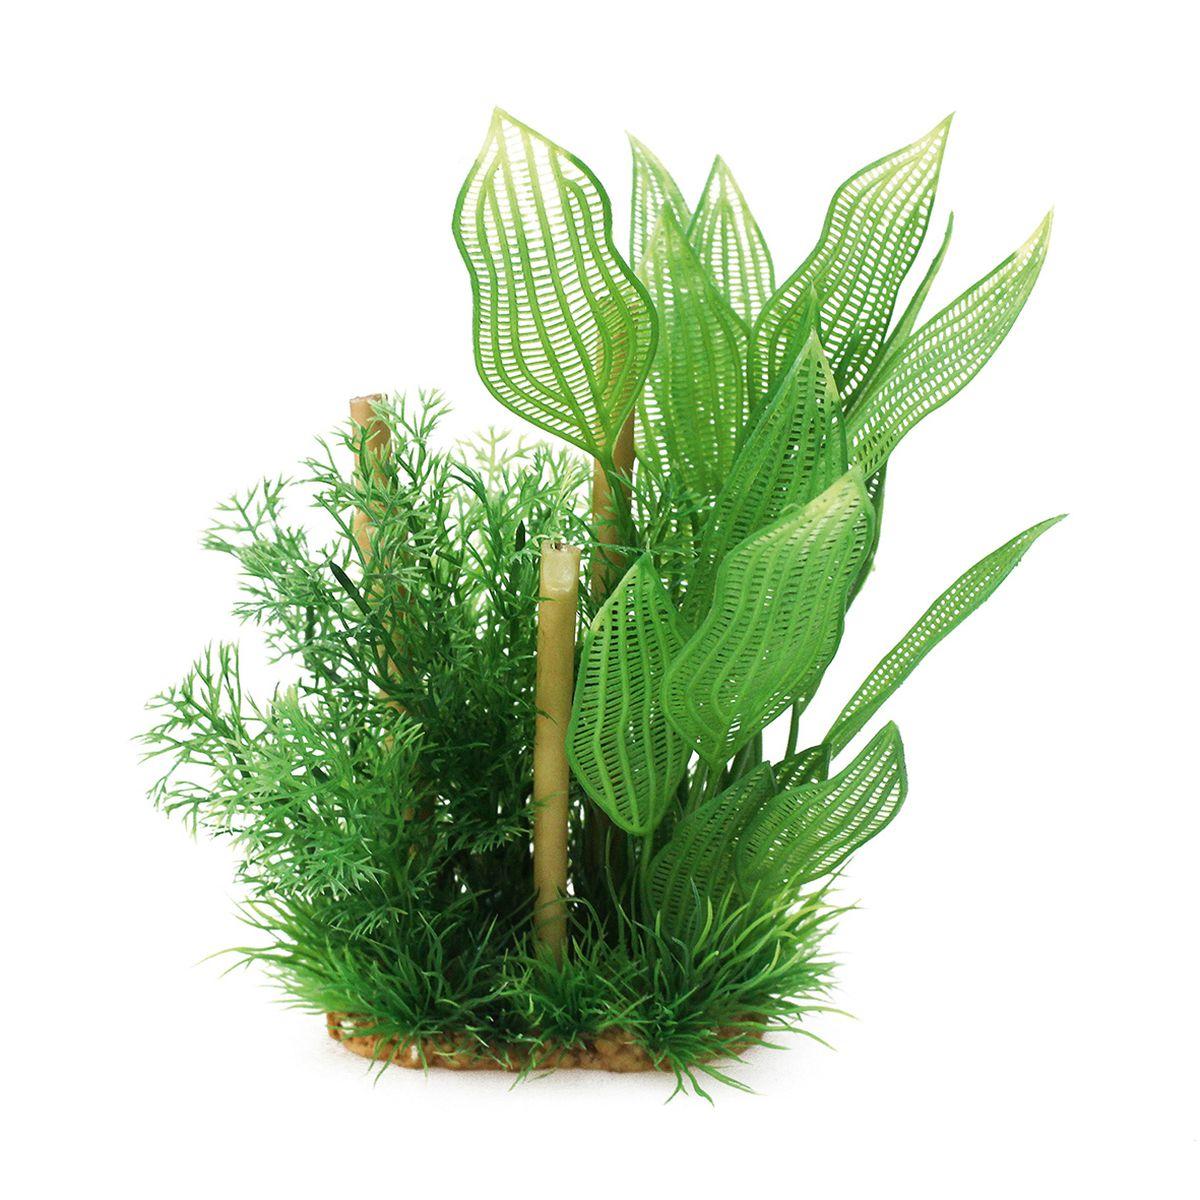 Композиция из растений для аквариума ArtUniq Апоногетон с бамбуком, высота 20 смART-1160505Композиция из искусственных растений ArtUniq превосходно украсит и оживит аквариум.Растения - это важная часть любой композиции, они помогут вдохнуть жизнь в ландшафт любого аквариума или террариума.Композиция является точной копией природного растения.